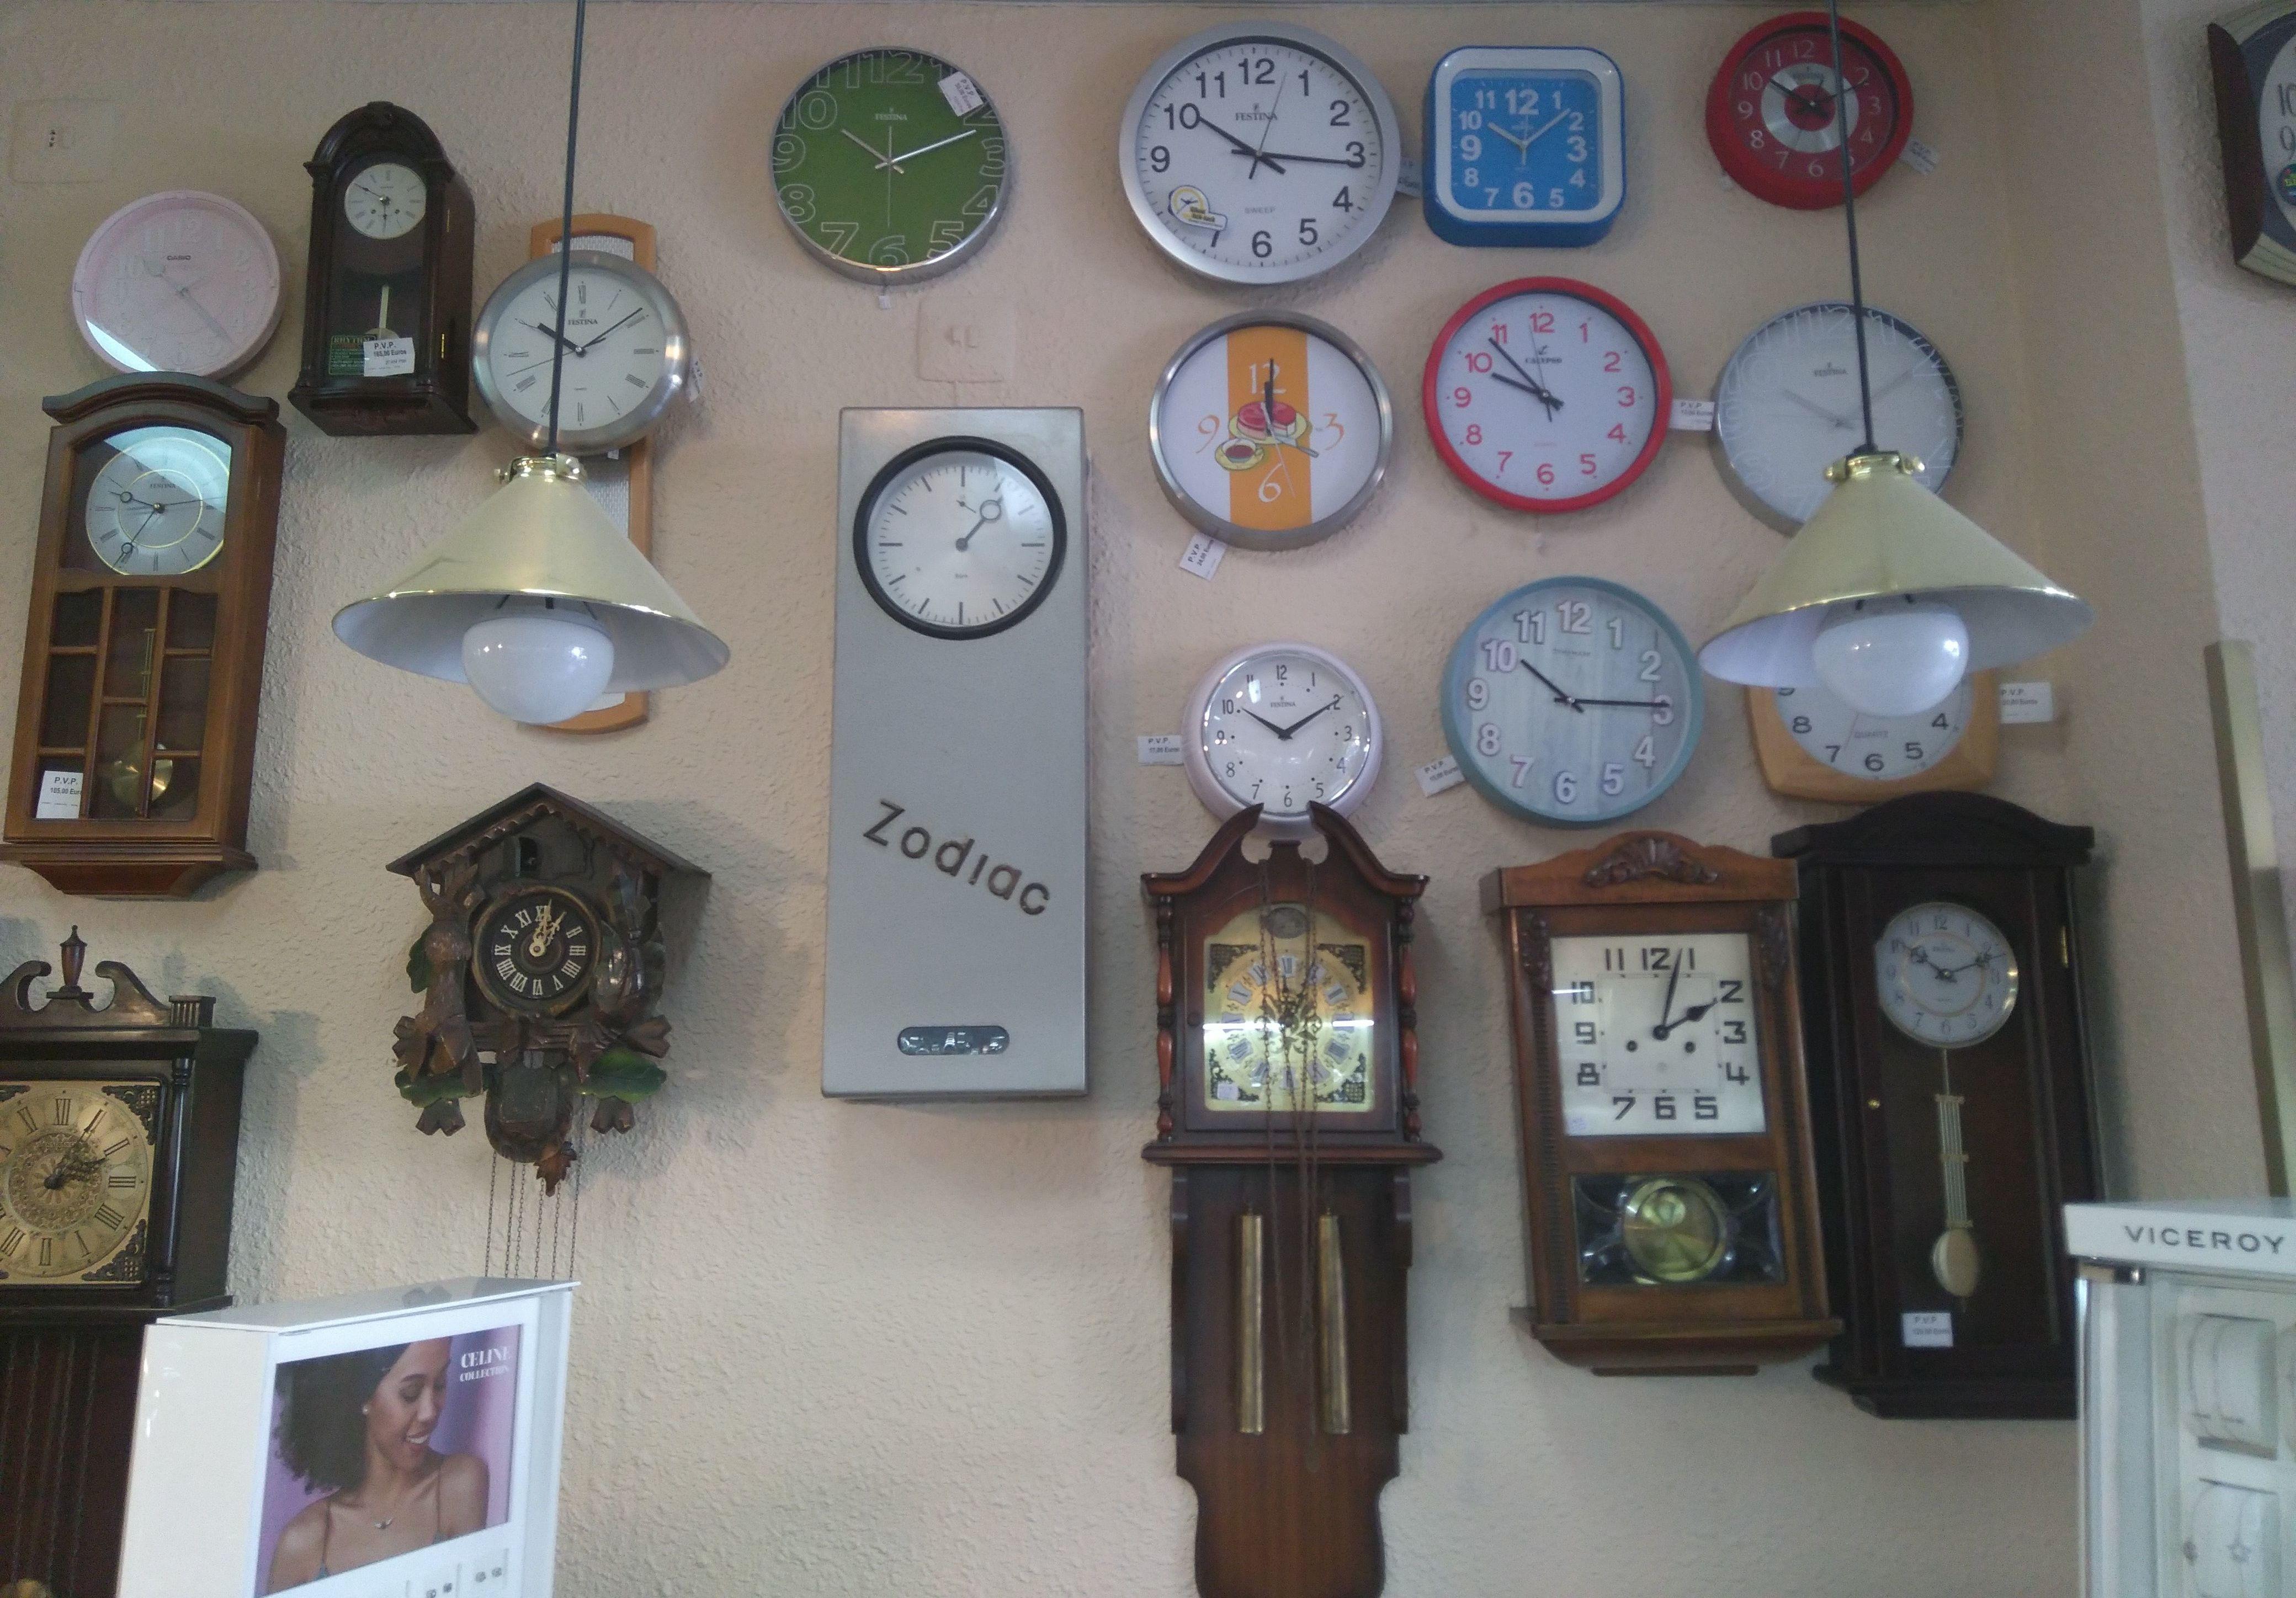 foto 7 de relojer a en valencia relojer a santiago